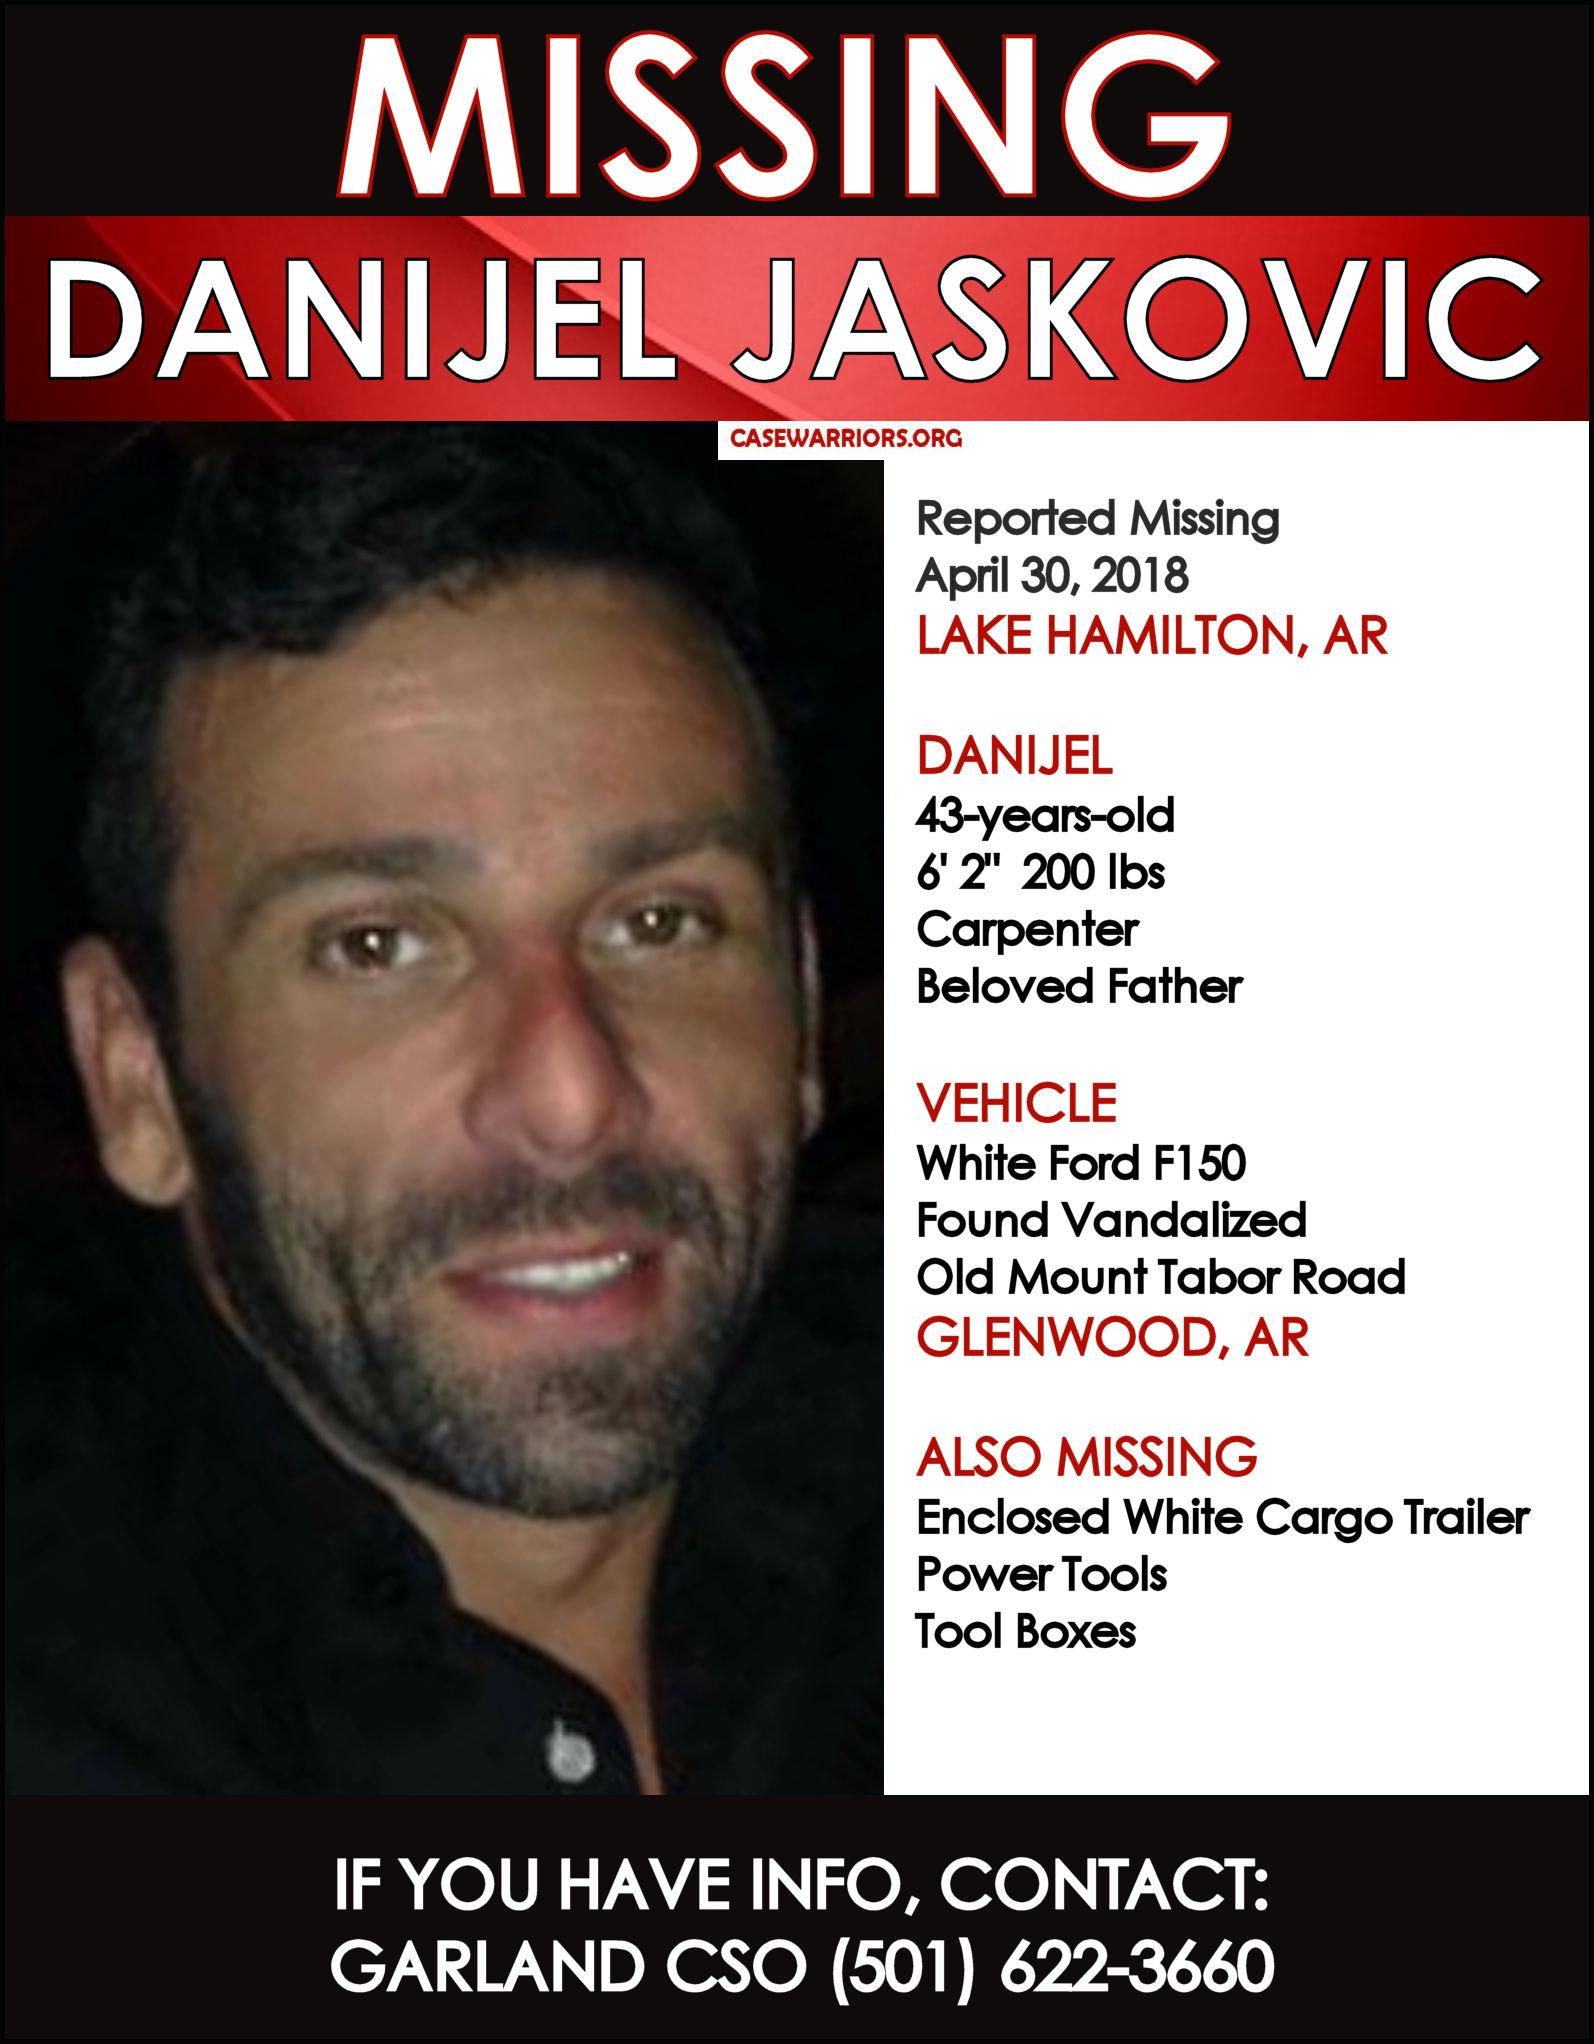 DANIJEL JASKOVIC